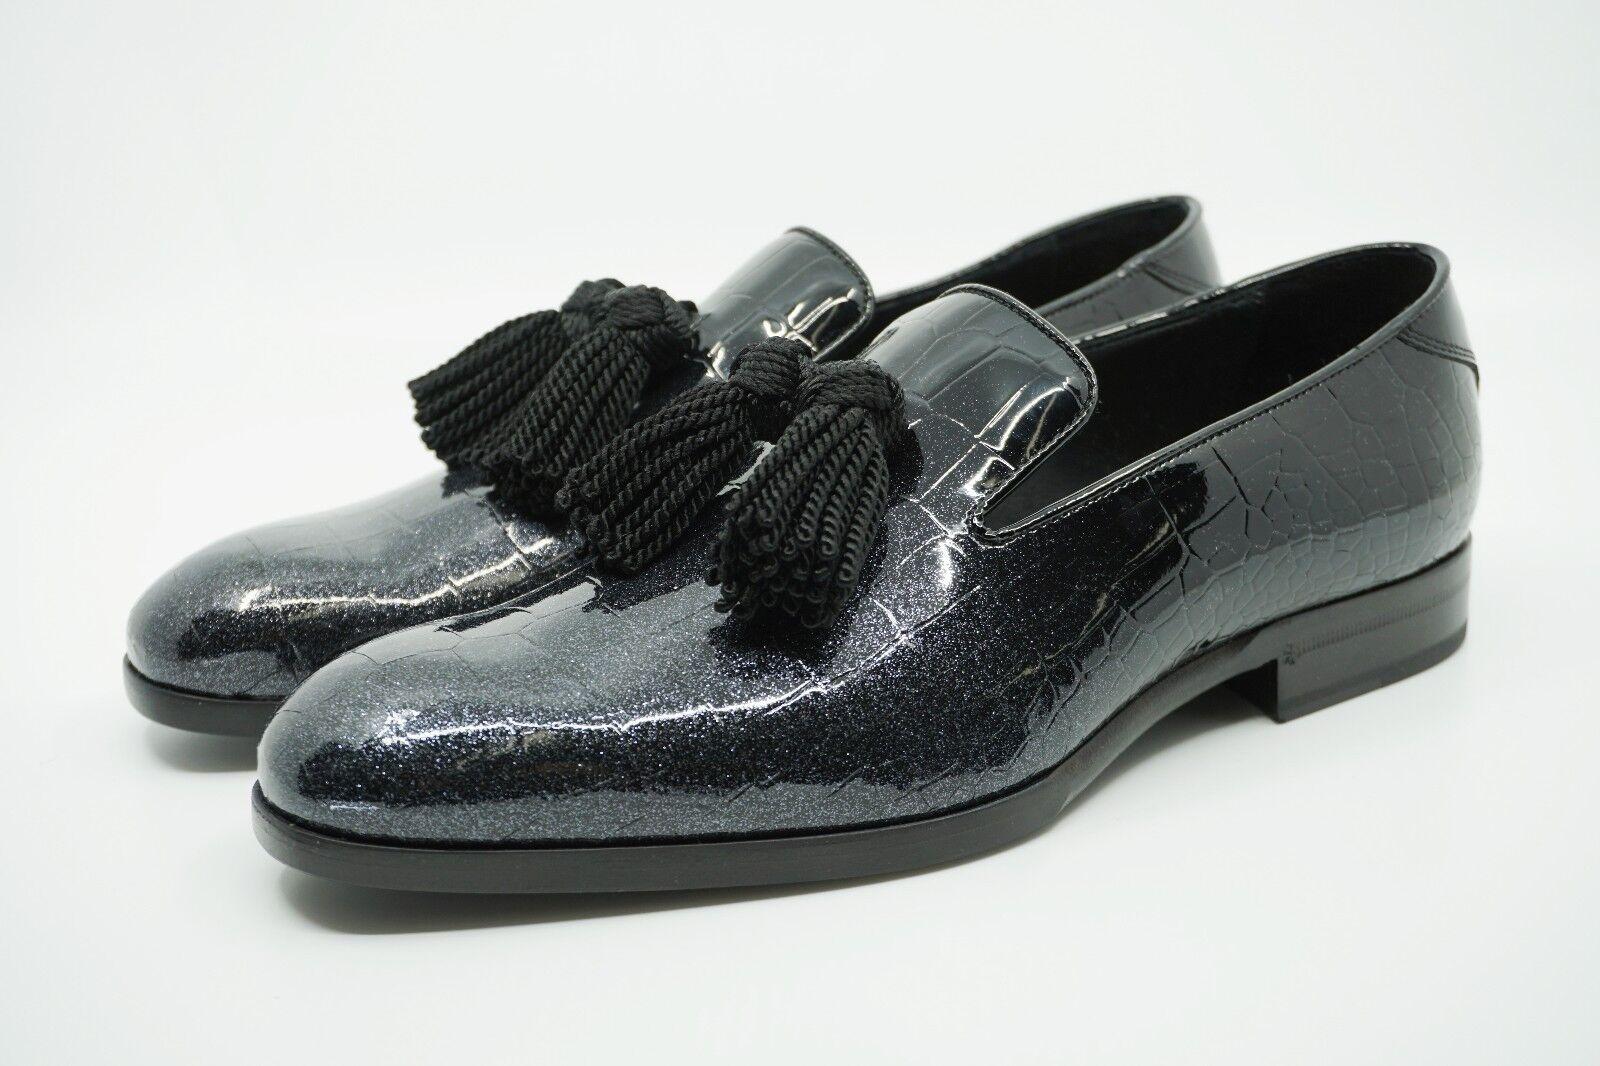 scelta migliore Jimmy Choo Uomo 'Foxley' 'Foxley' 'Foxley' Glitter Patent Croc Degrade Leather Loafers, MSRP  850  prima qualità ai consumatori